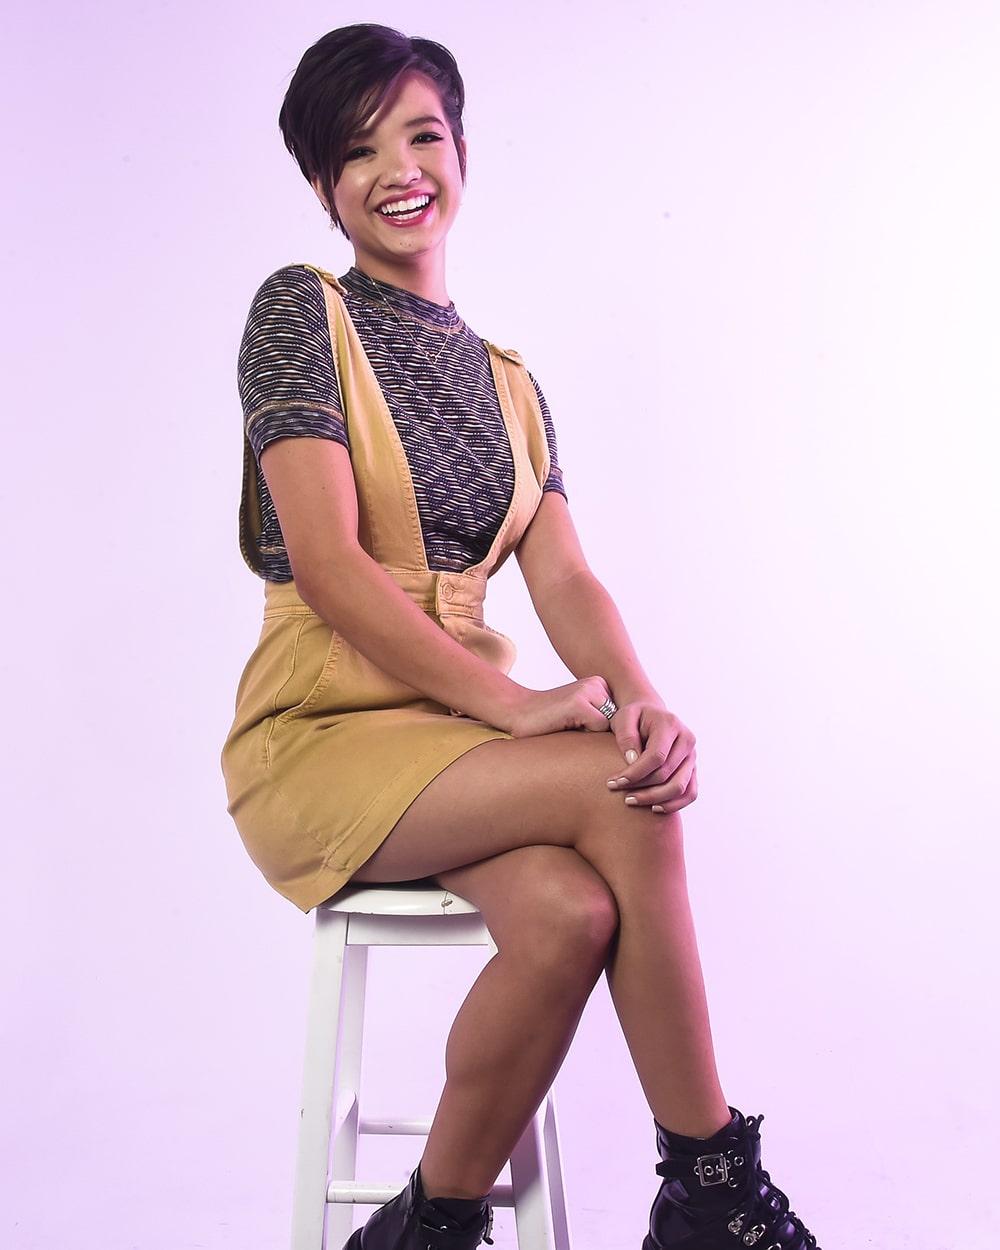 Peyton Lee American Actress